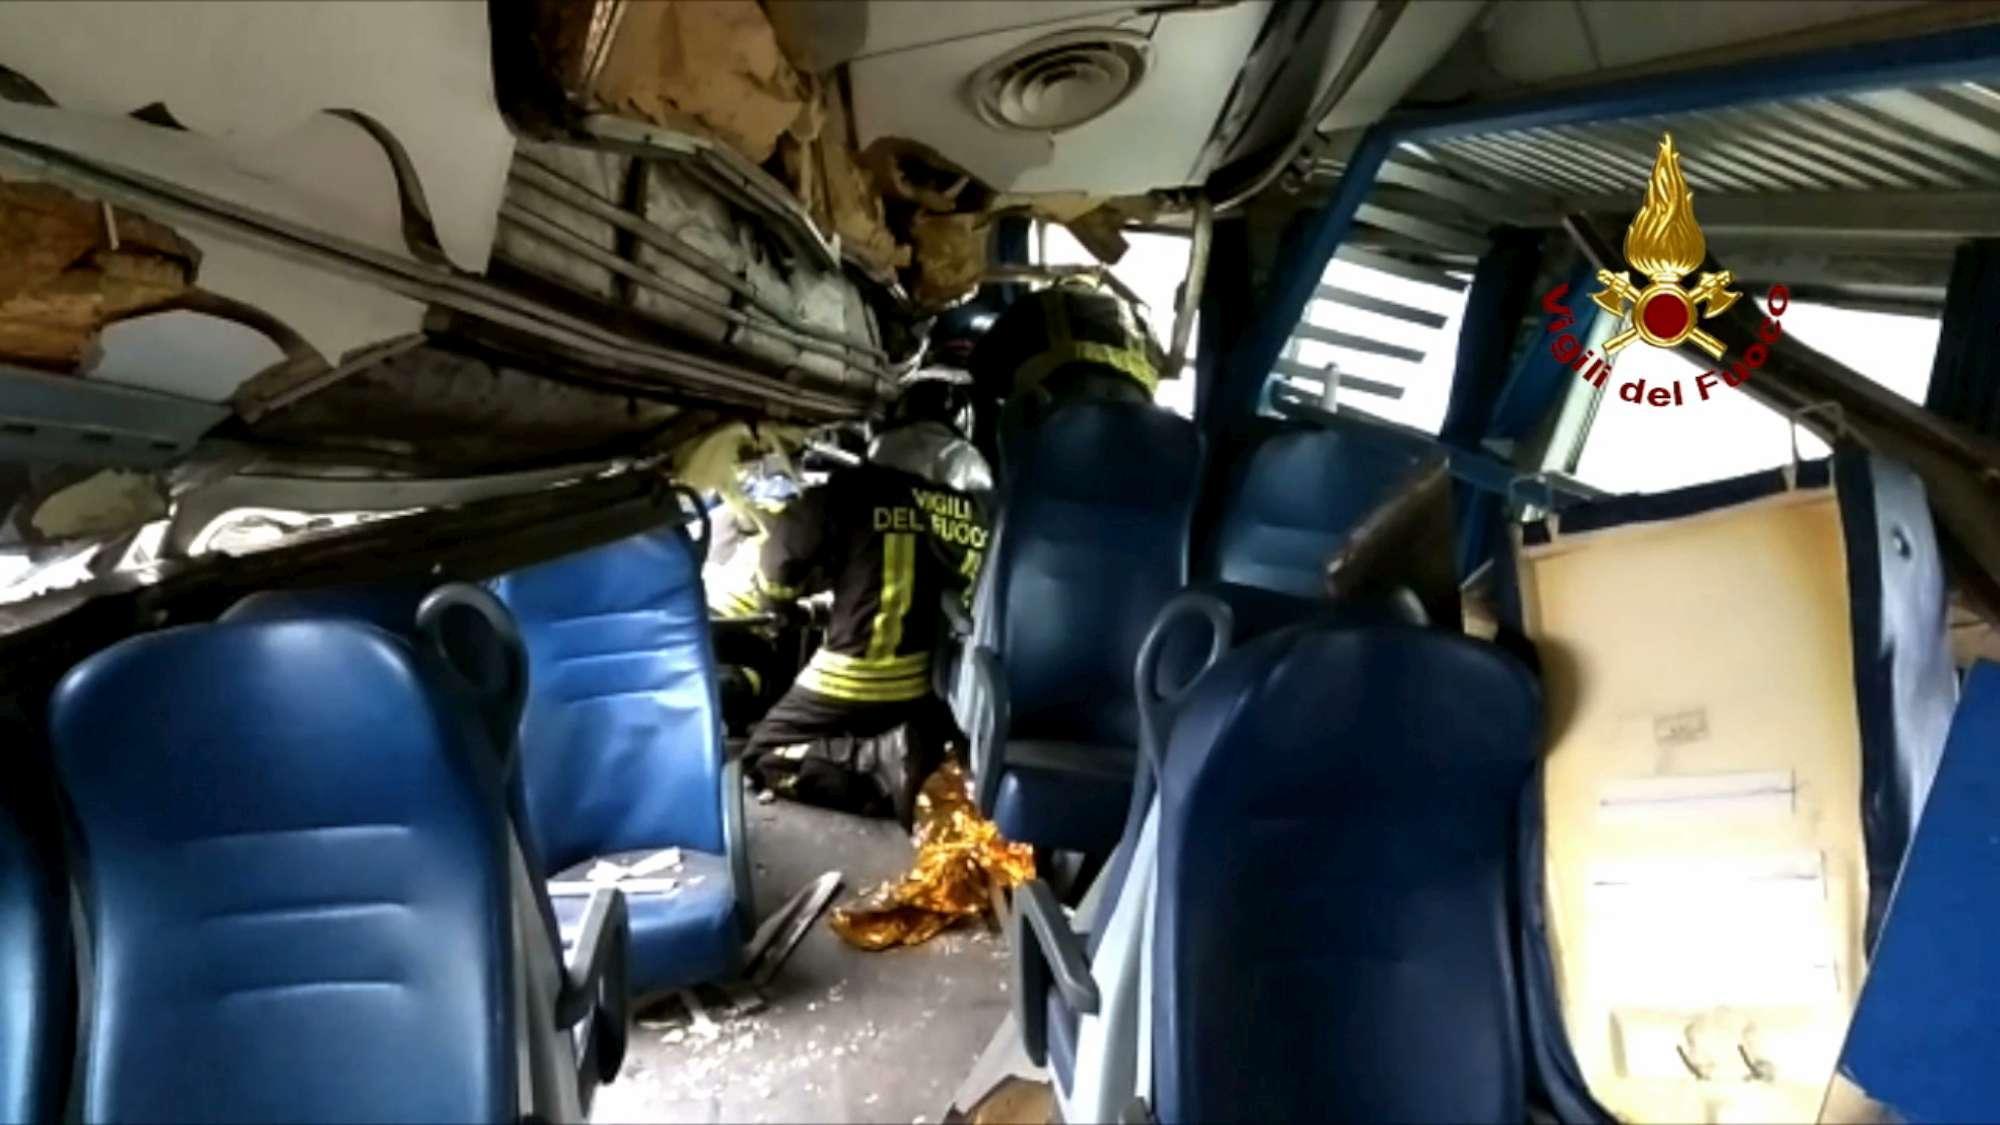 Treno deragliato, le foto dei soccorsi nei vagoni